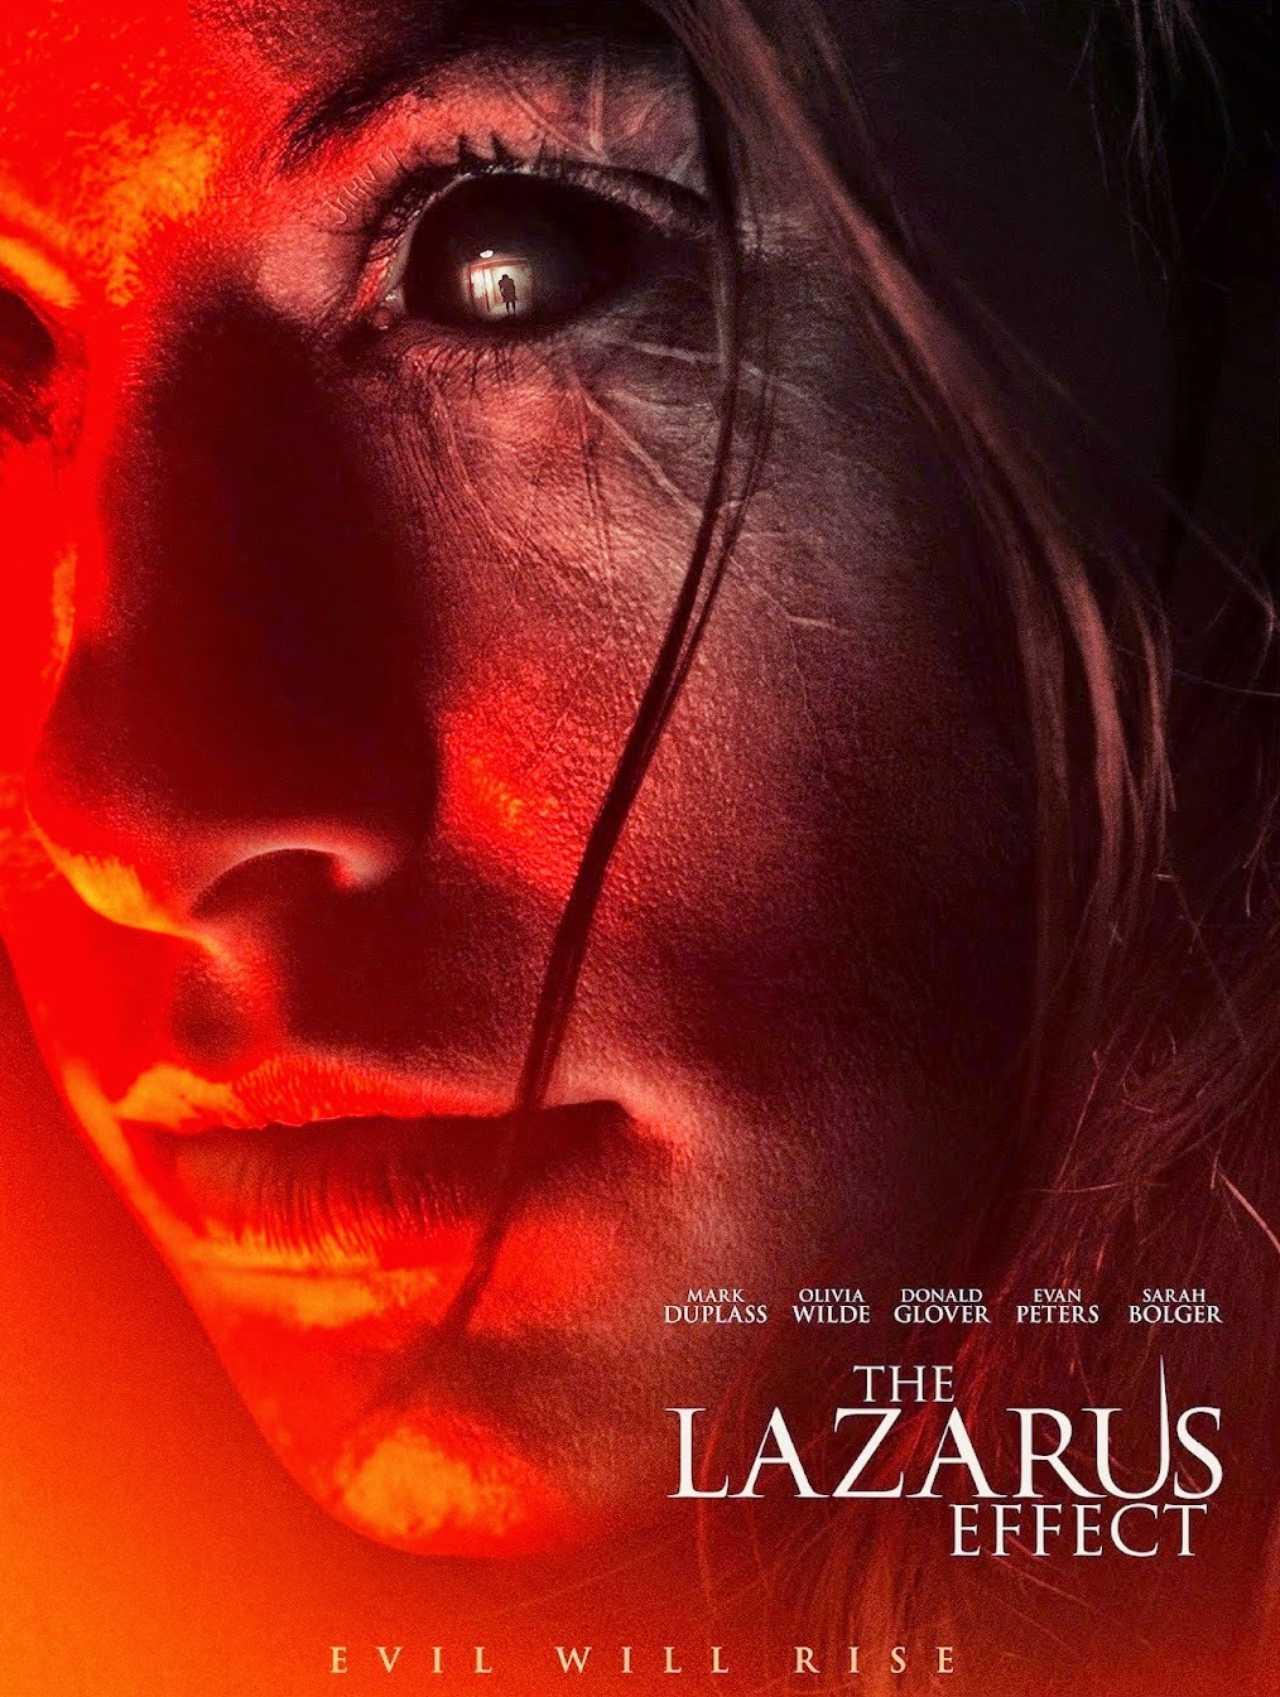 画像: http://consequenceofsound.net/2015/02/film-review-the-lazarus-effect/